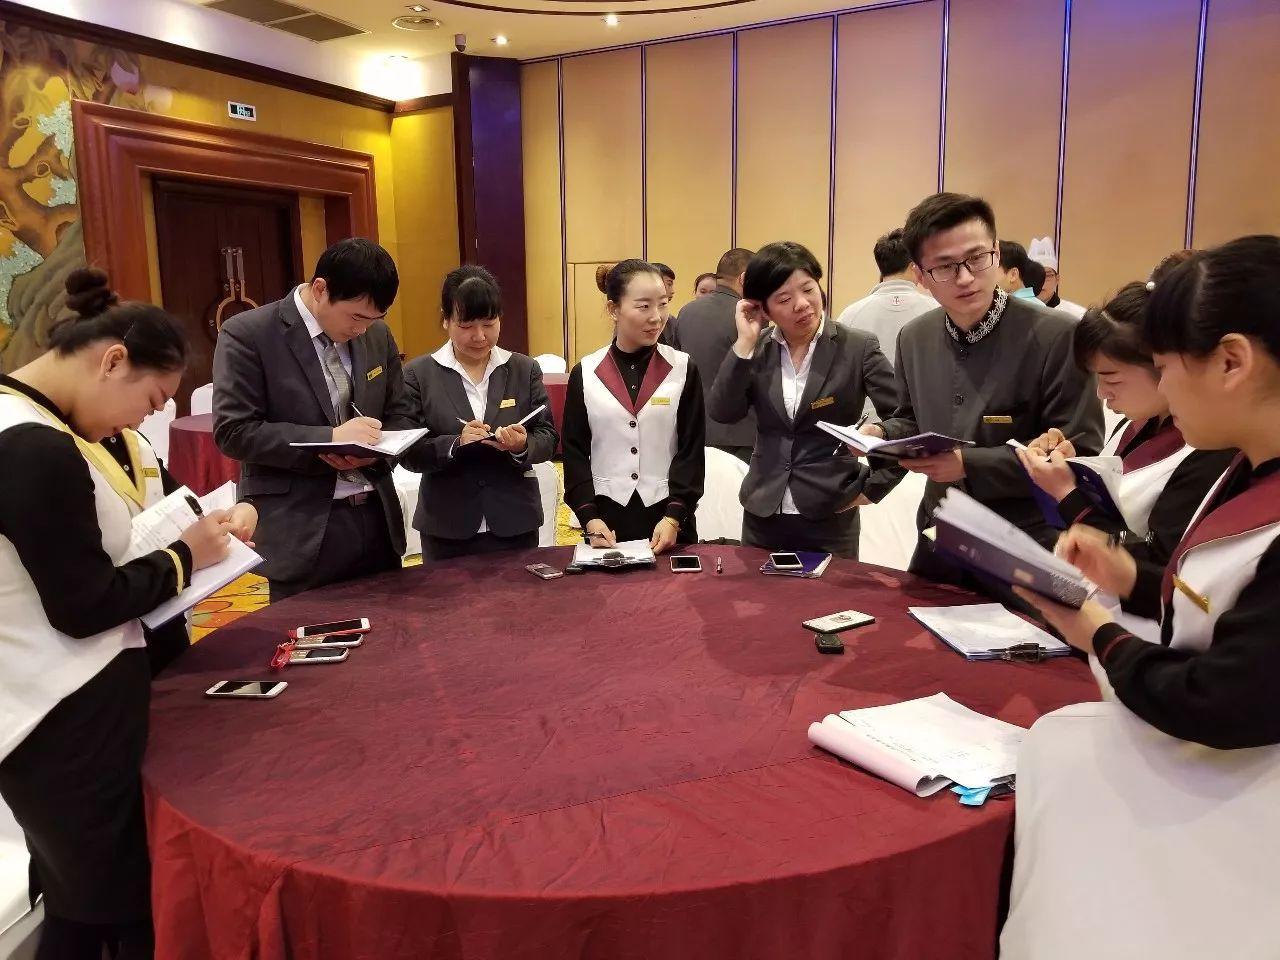 酒店服务礼仪_酒店员工服务礼仪培训 亚博app官方下载合集